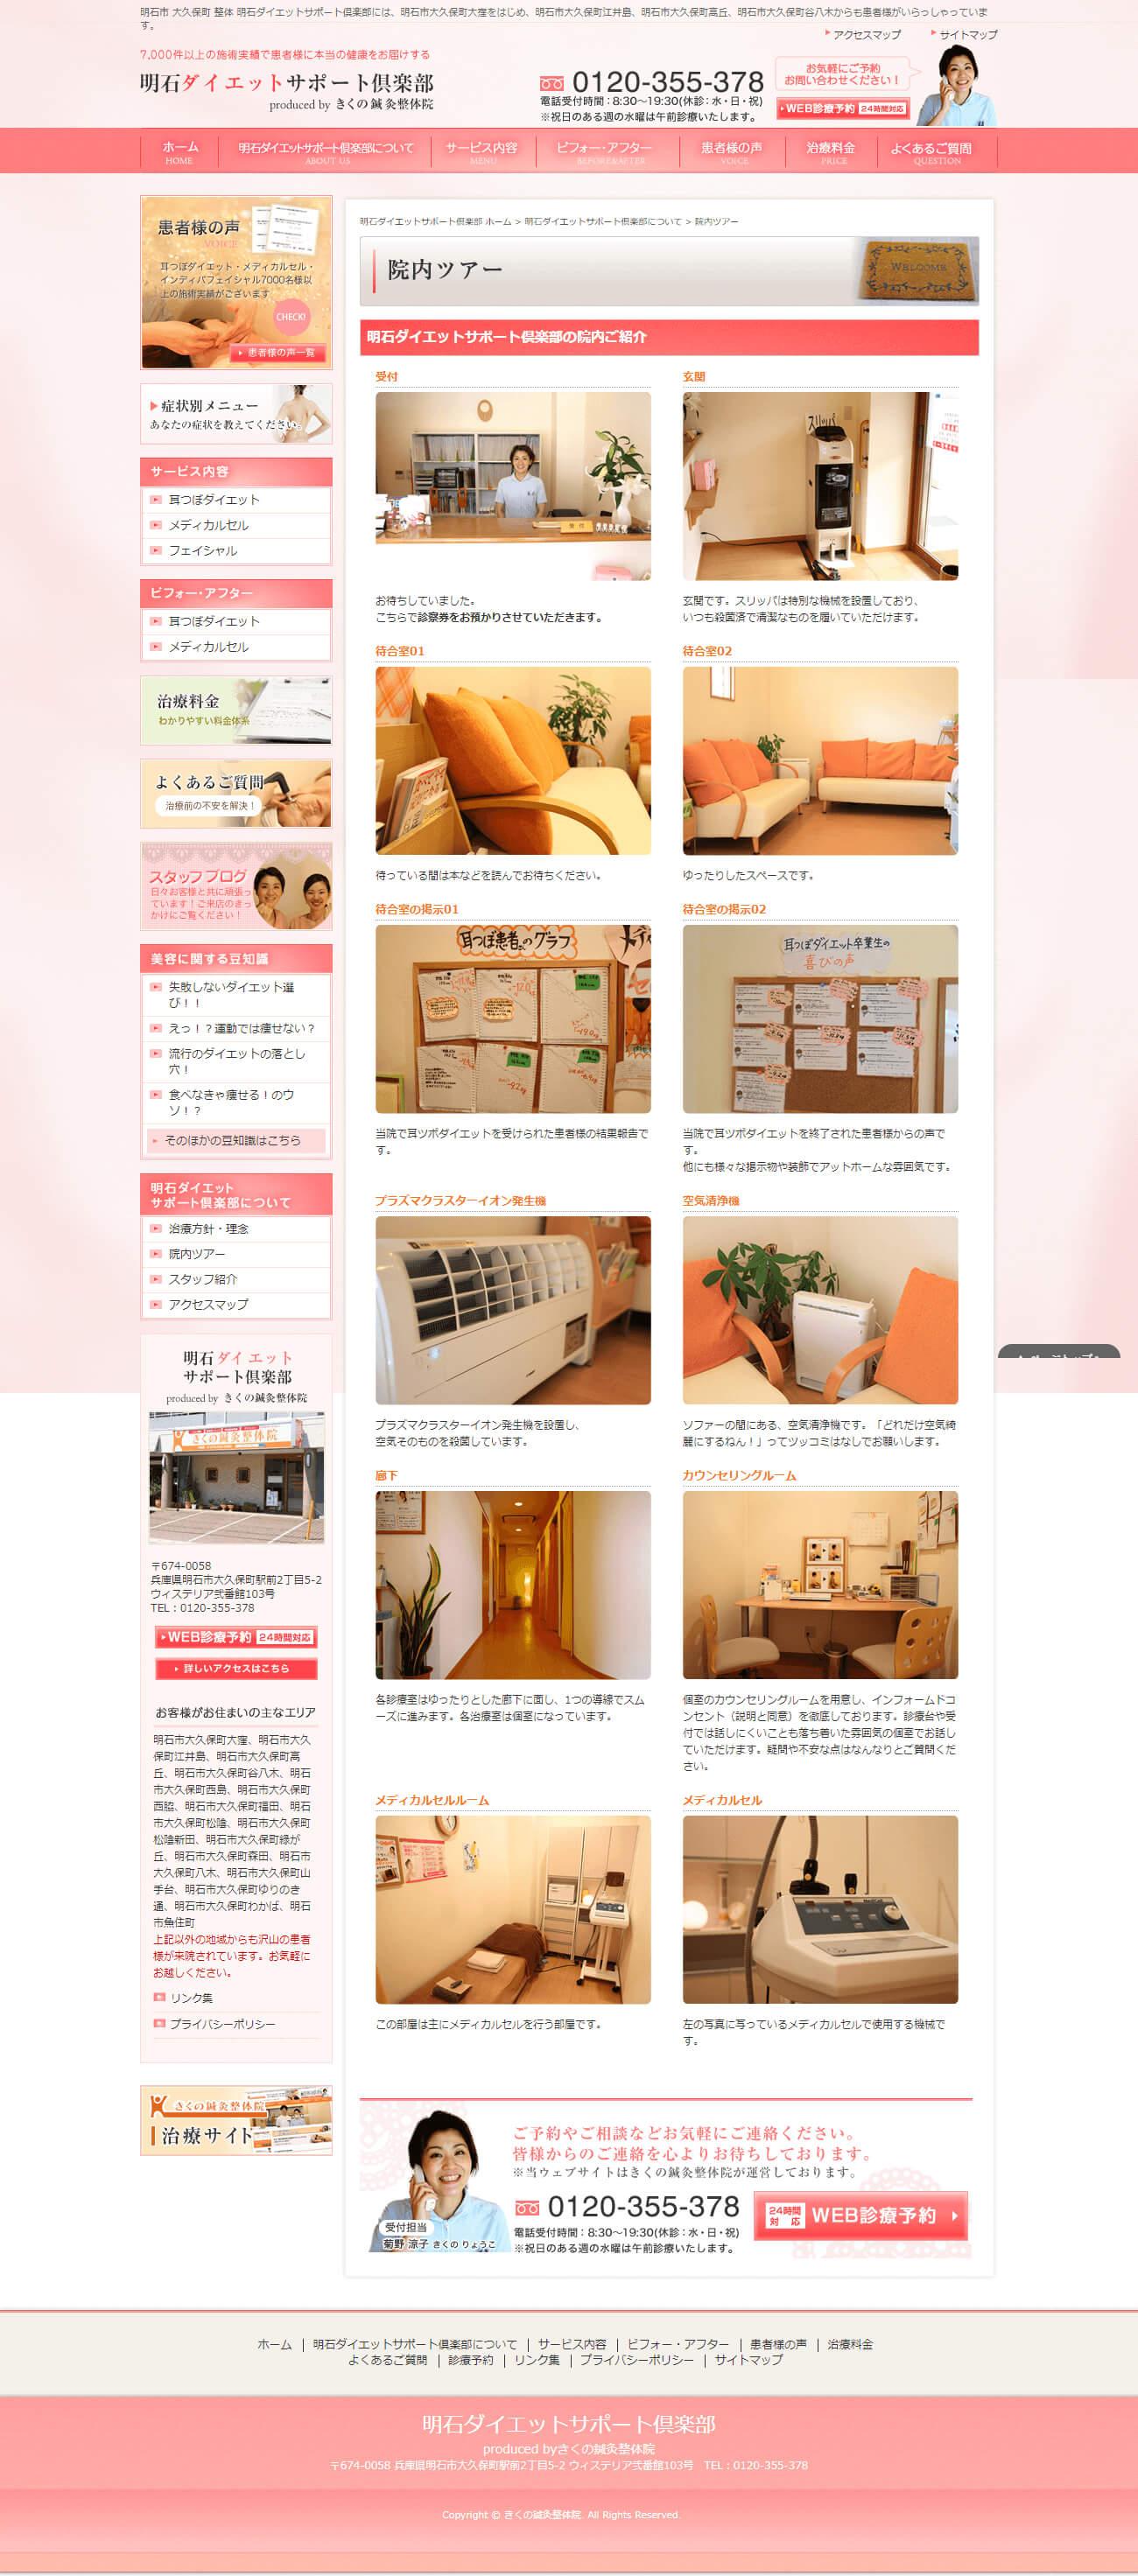 明石市 明石ダイエットサポート倶楽部様 ホームページ制作2